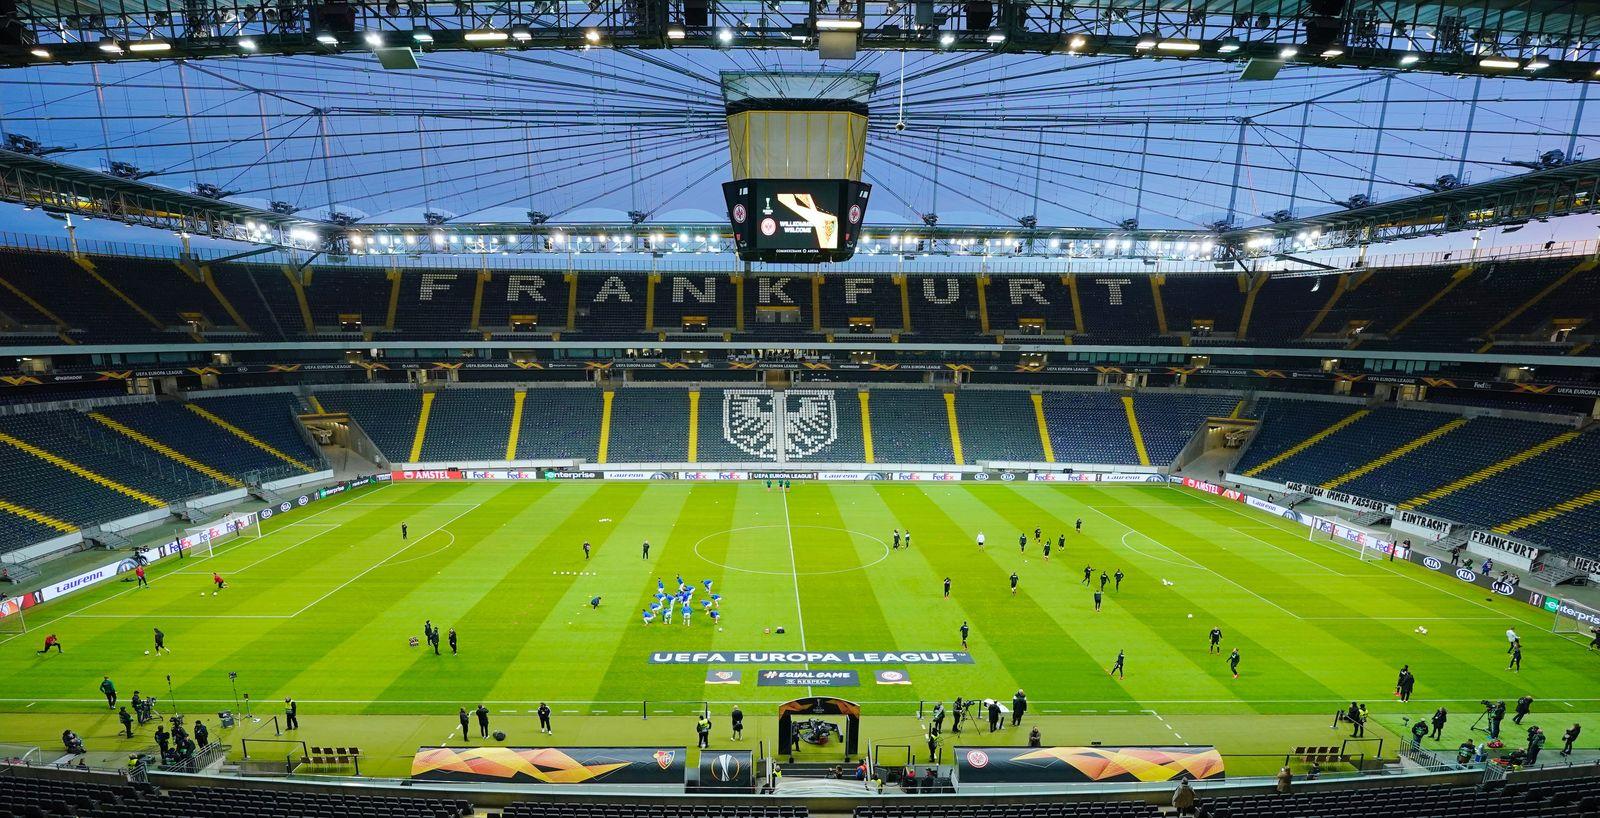 Eintracht Frankfurt - Leeres Stadion